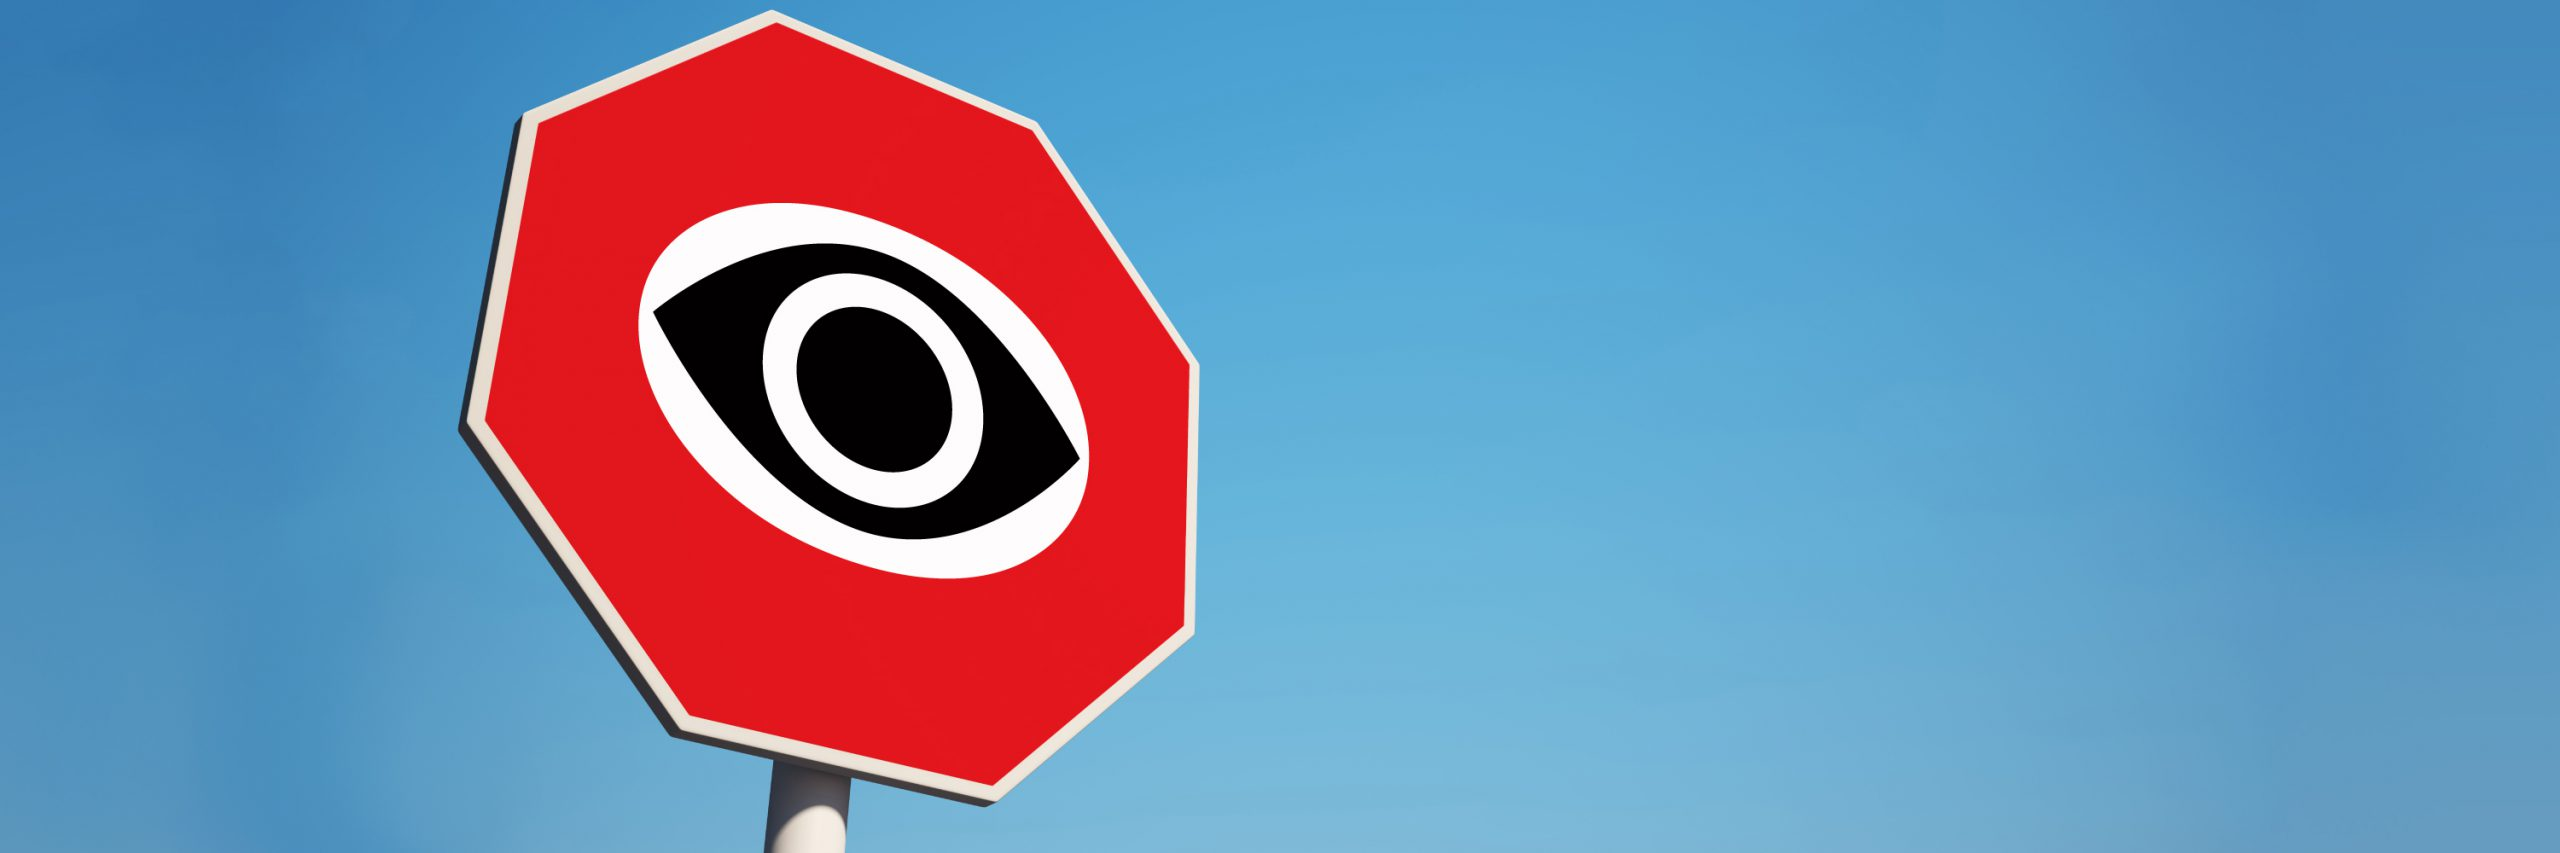 Stop Look Studios